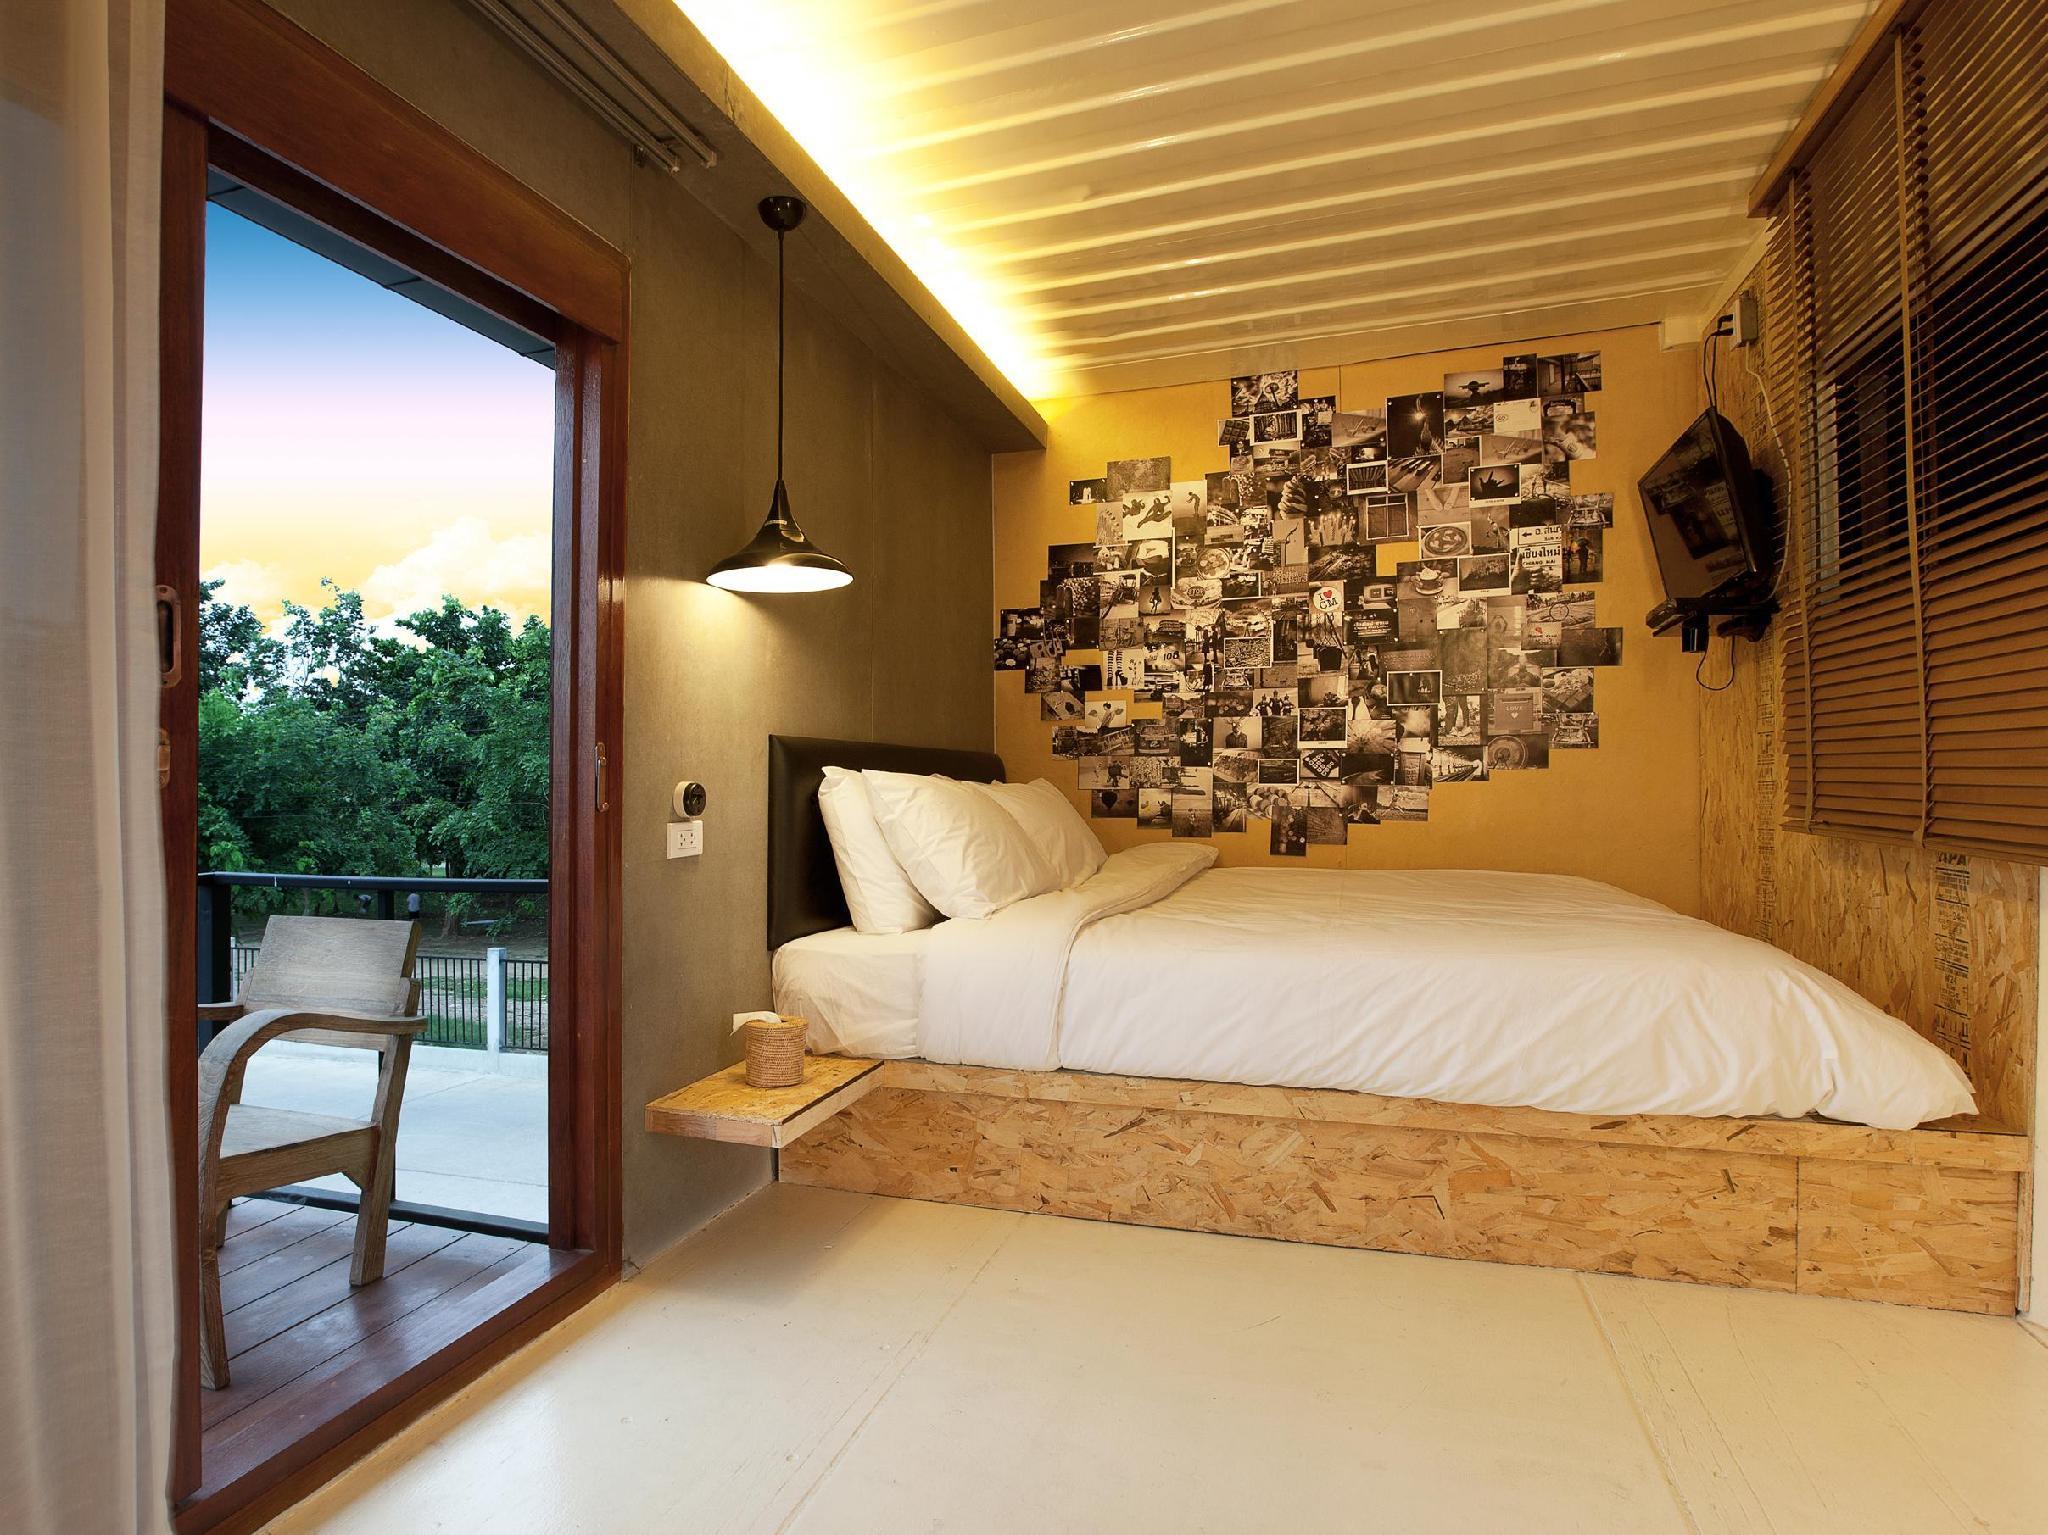 Hotell Snooze Box Hotel i , Chiang Mai. Klicka för att läsa mer och skicka bokningsförfrågan